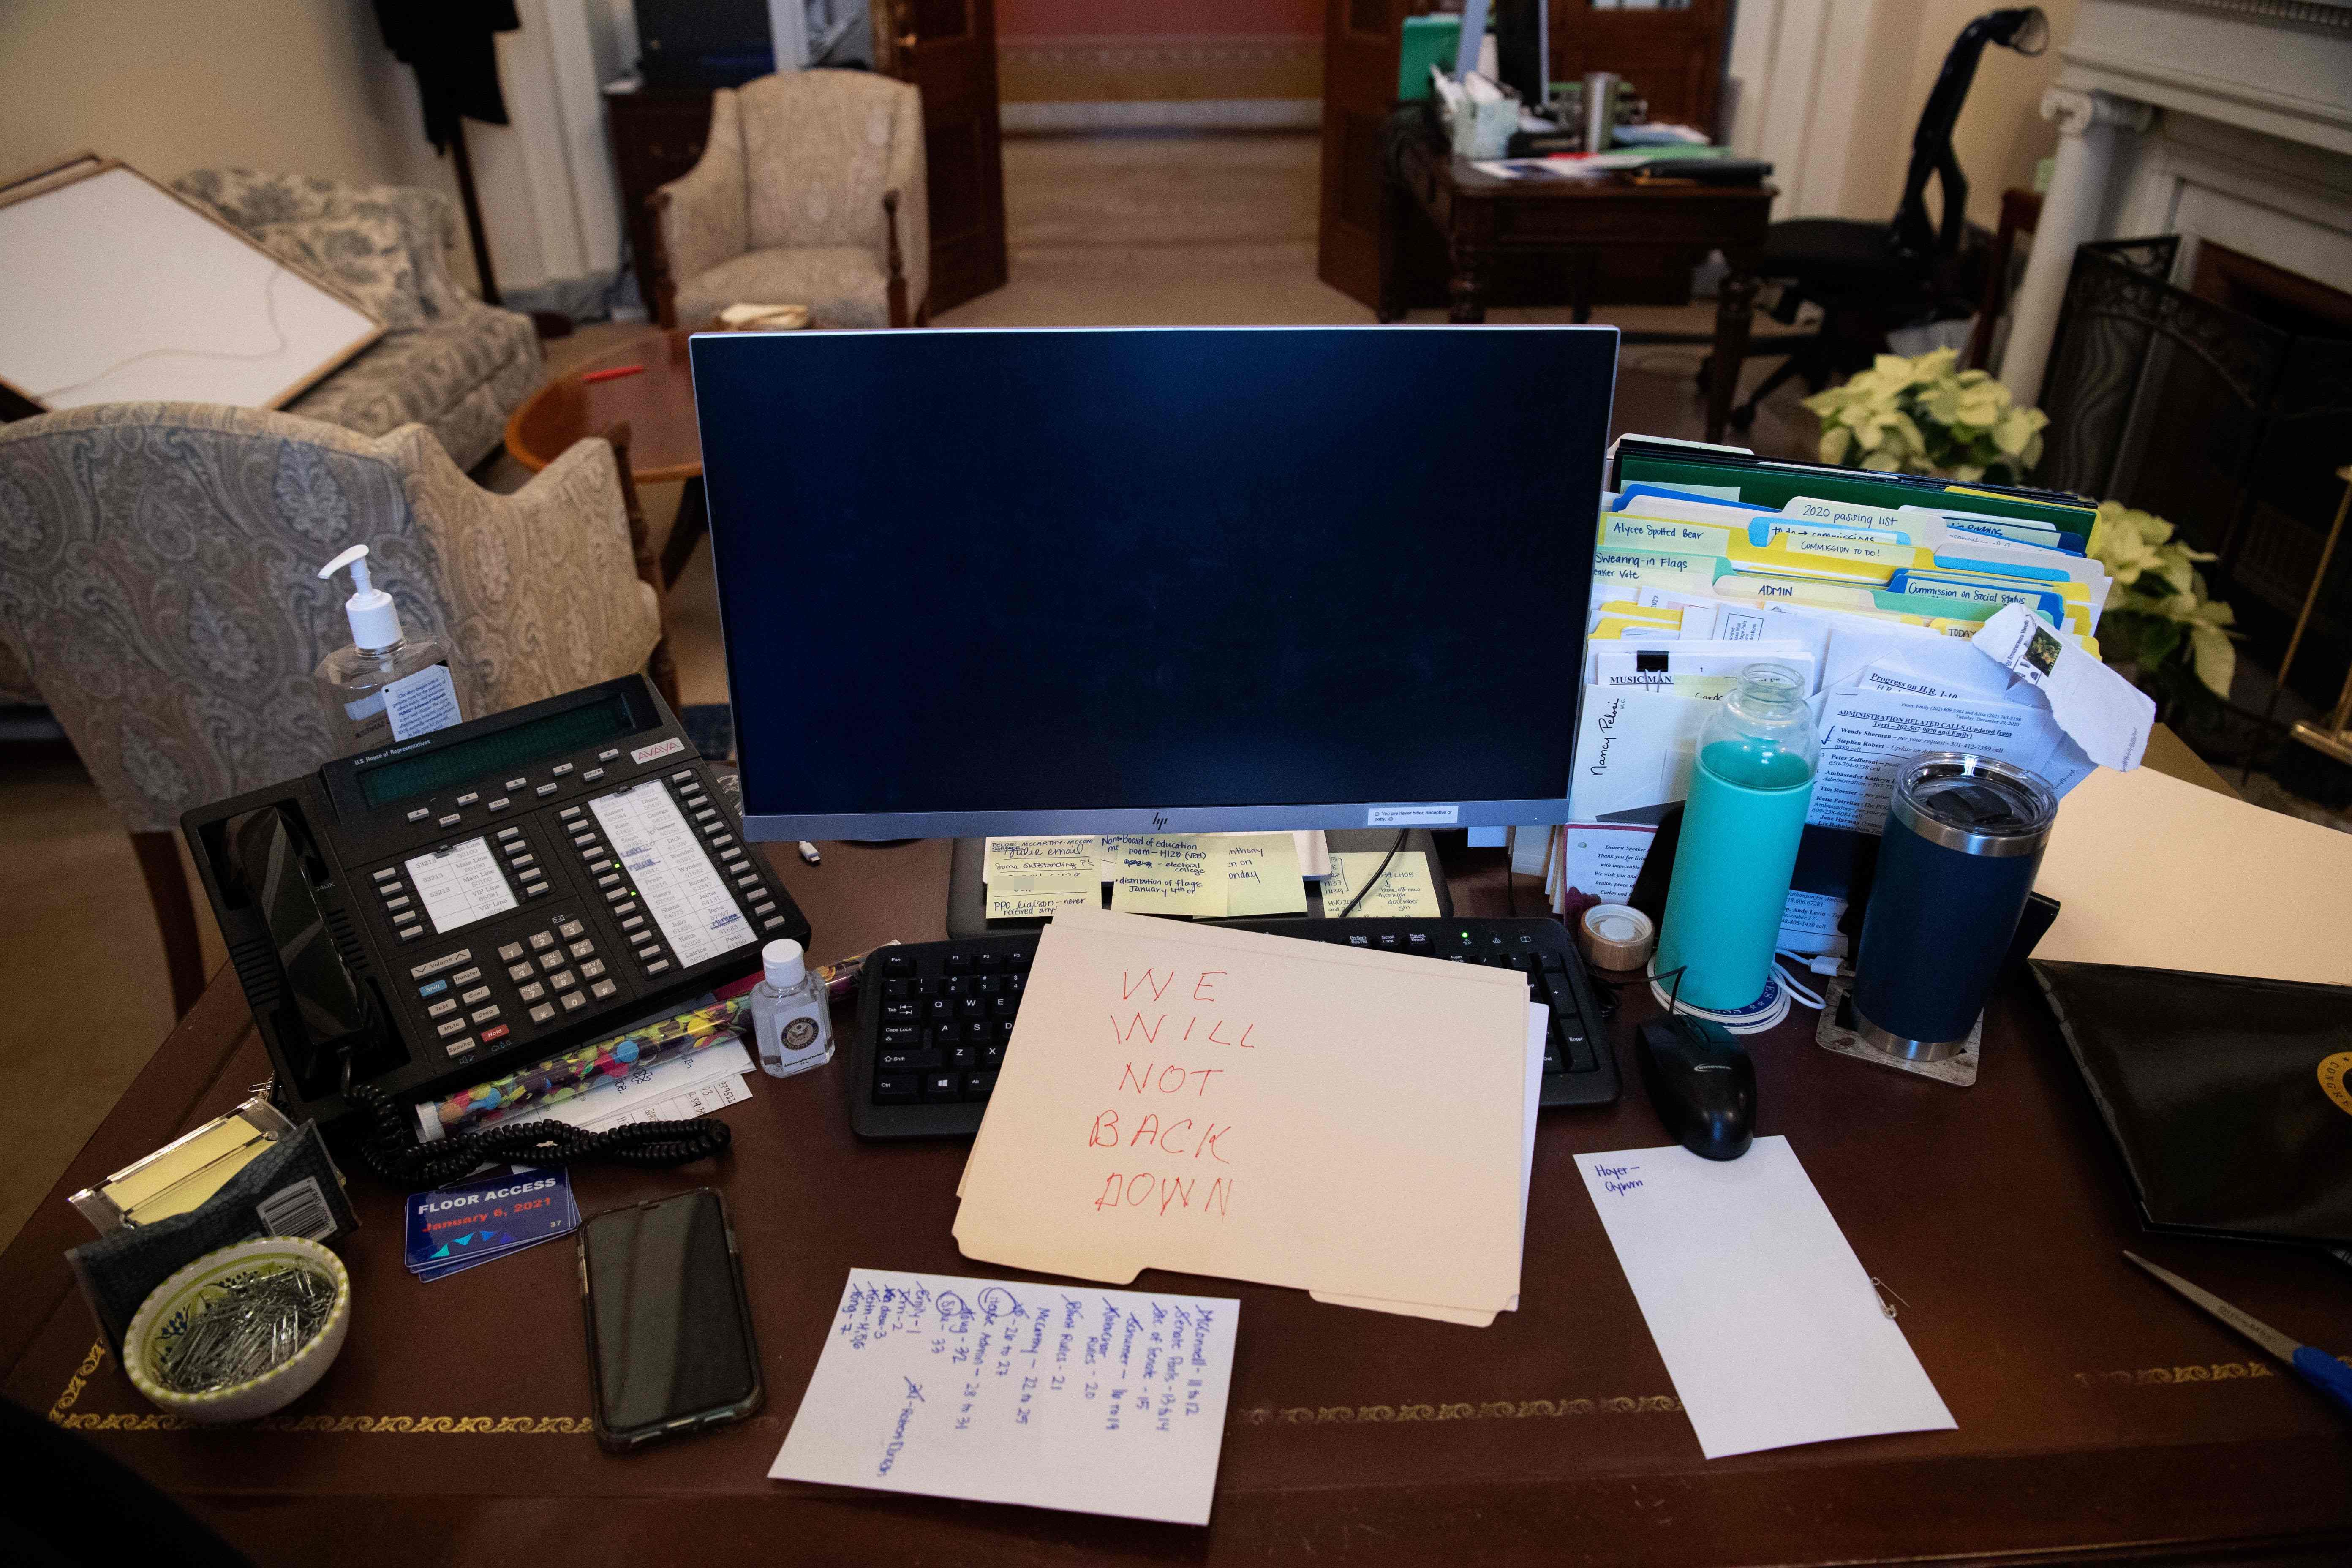 دفتر نانسی پلوسی در Capitol Hill با پیام مهاجمان.